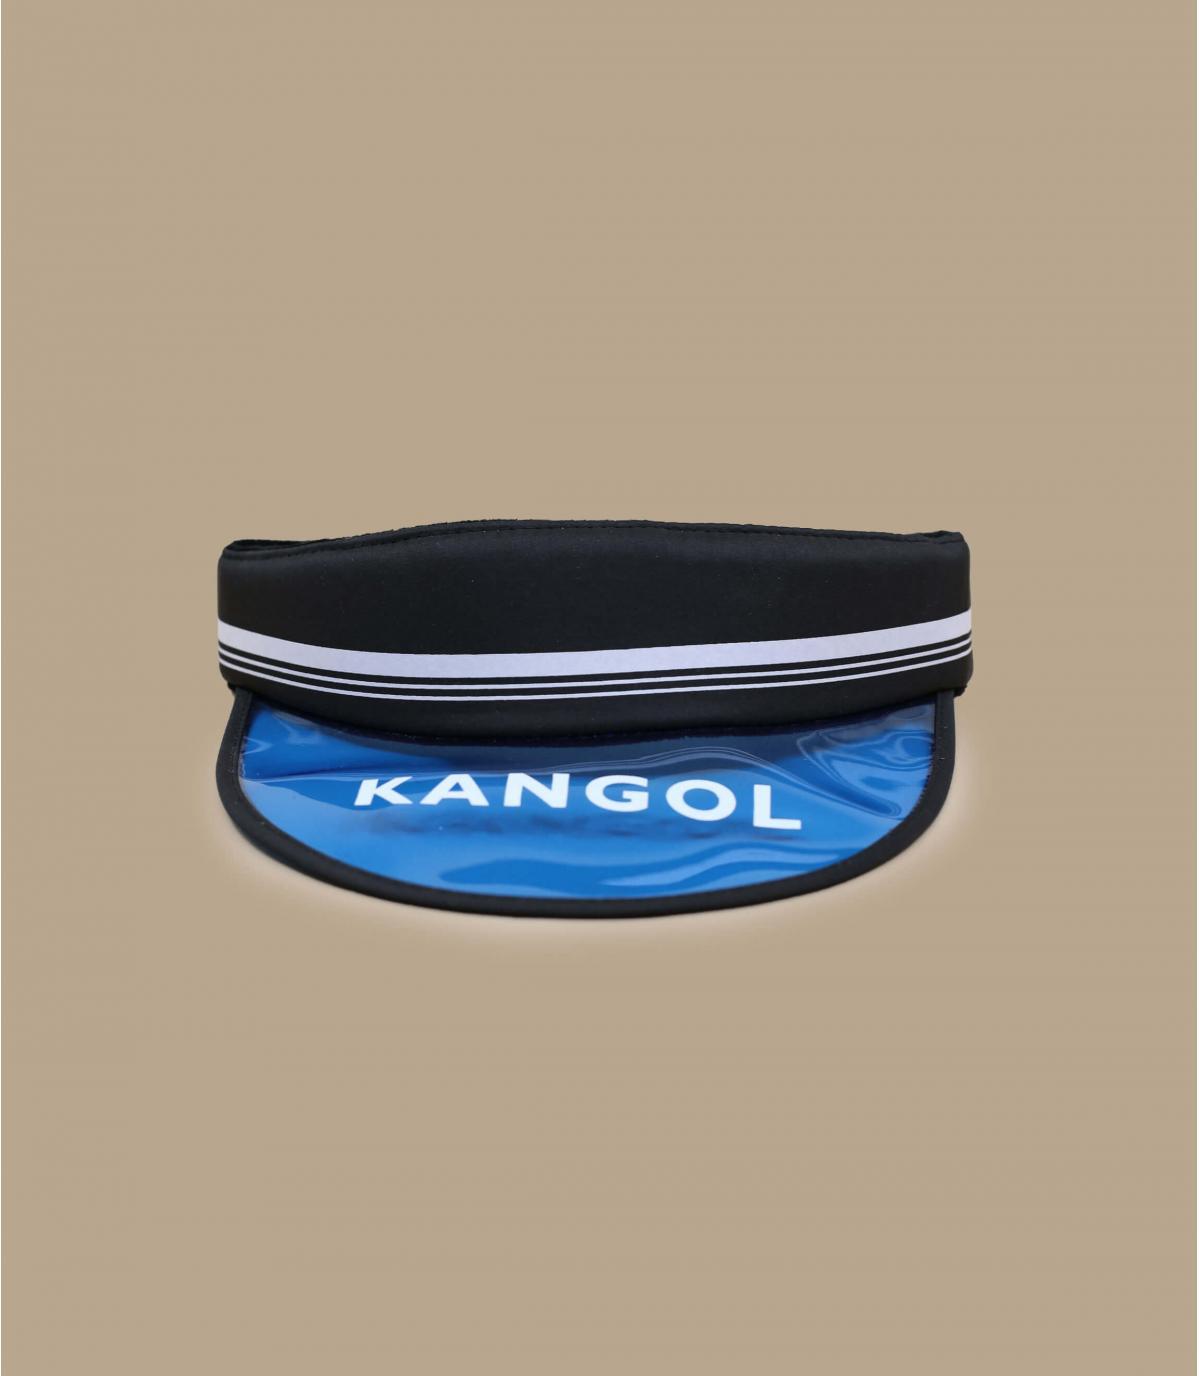 Blue black Kangol visor